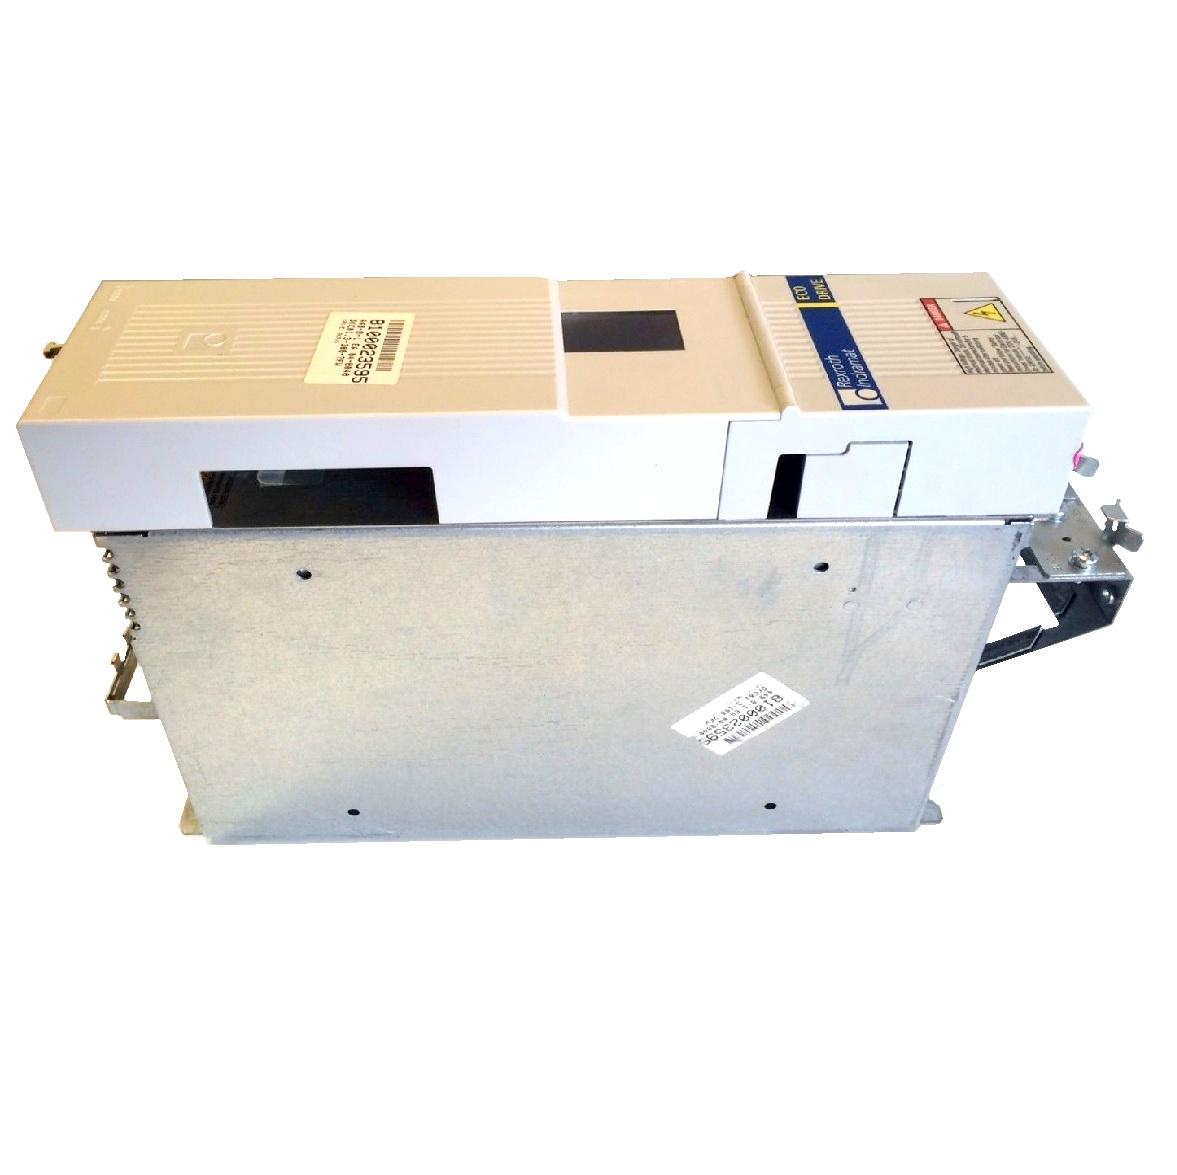 DKC02.3-100-7-FW